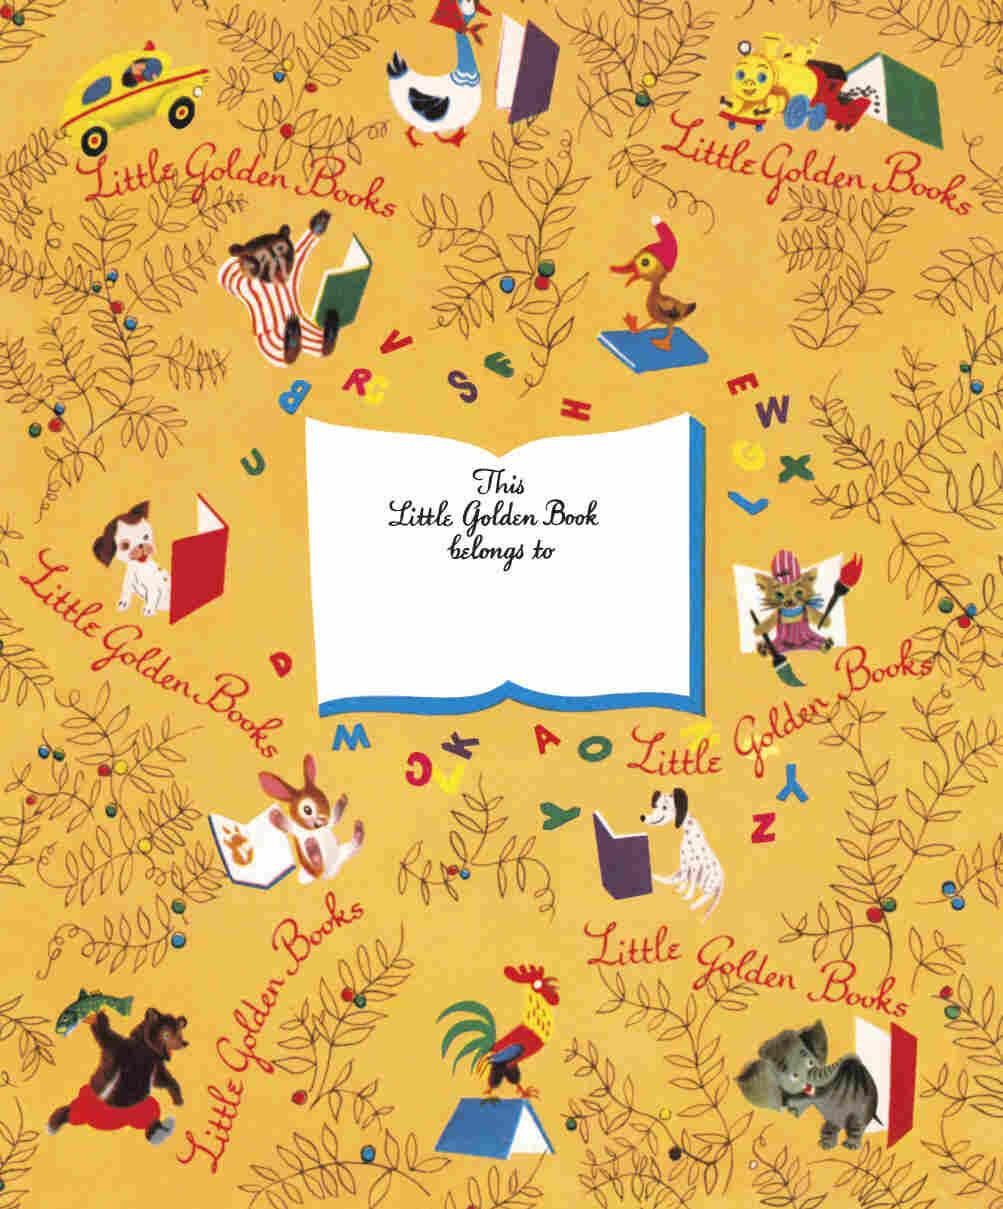 This Little Golden Book belongs to ...